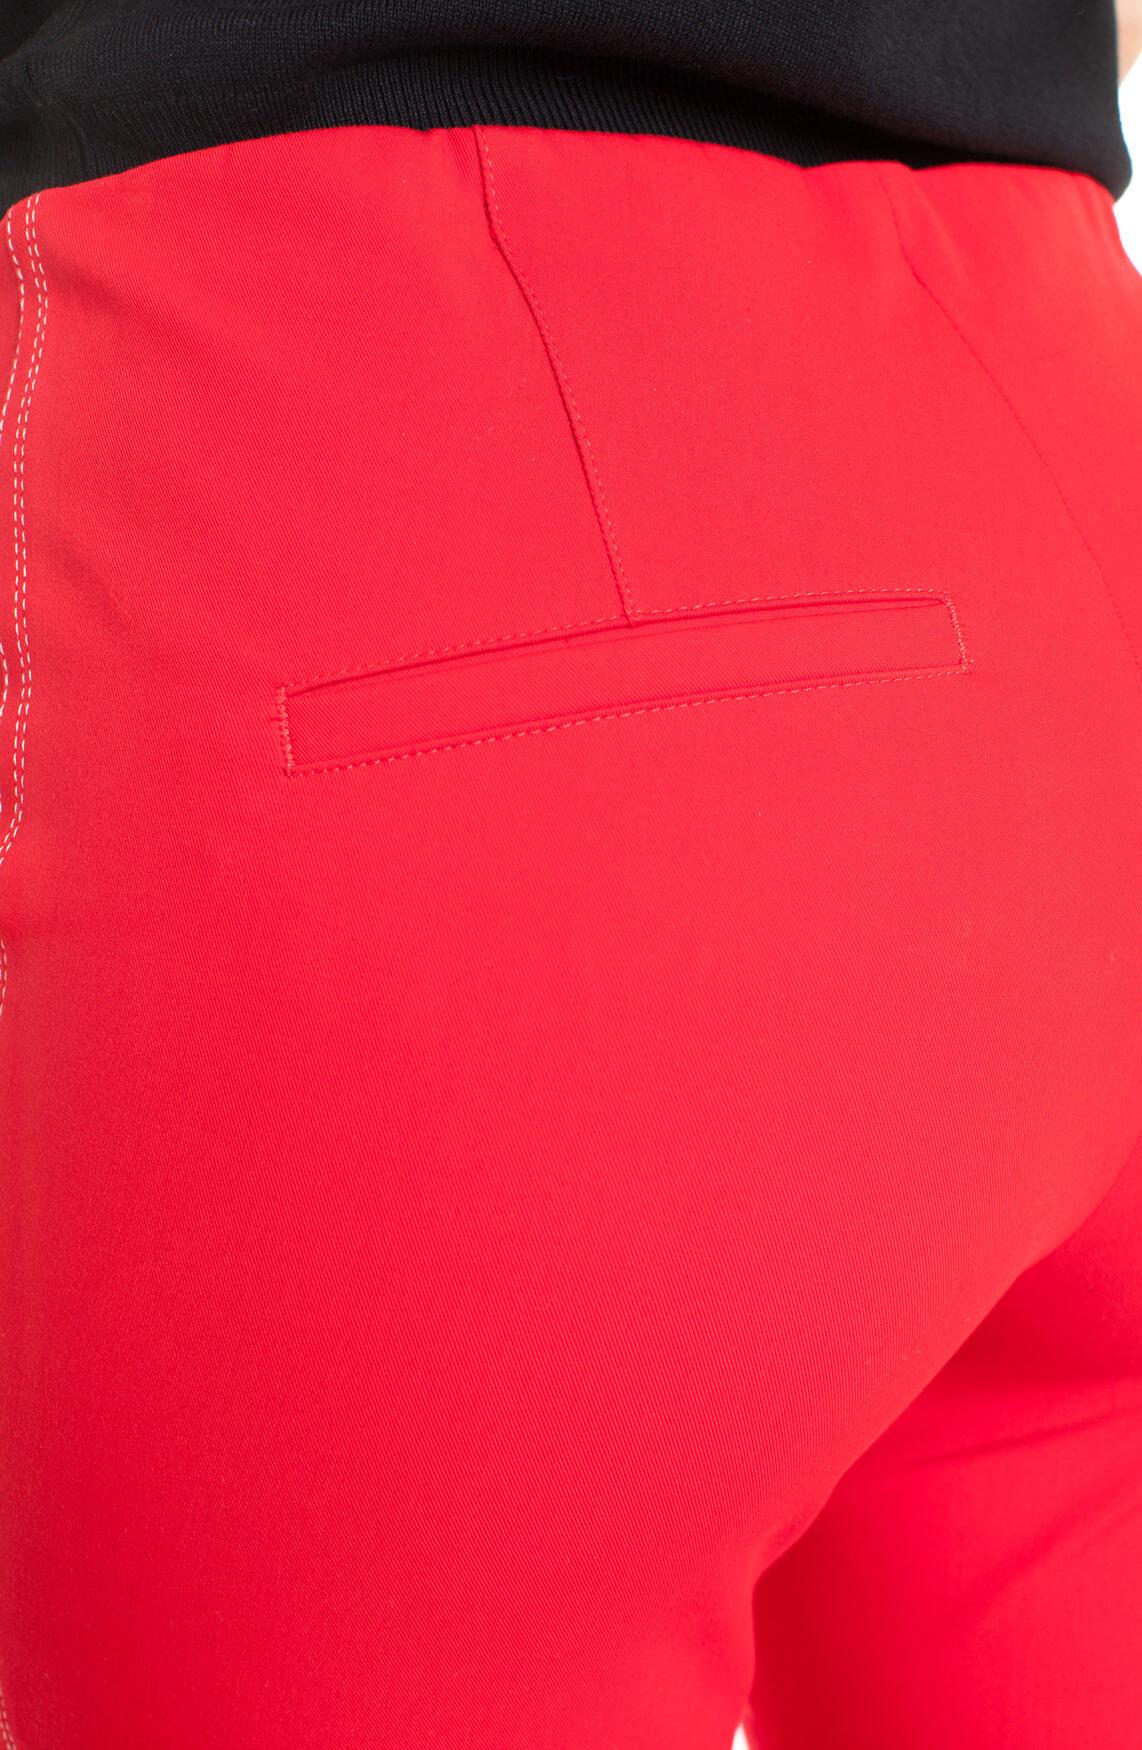 Cambio Dames Ros pantalon Rood